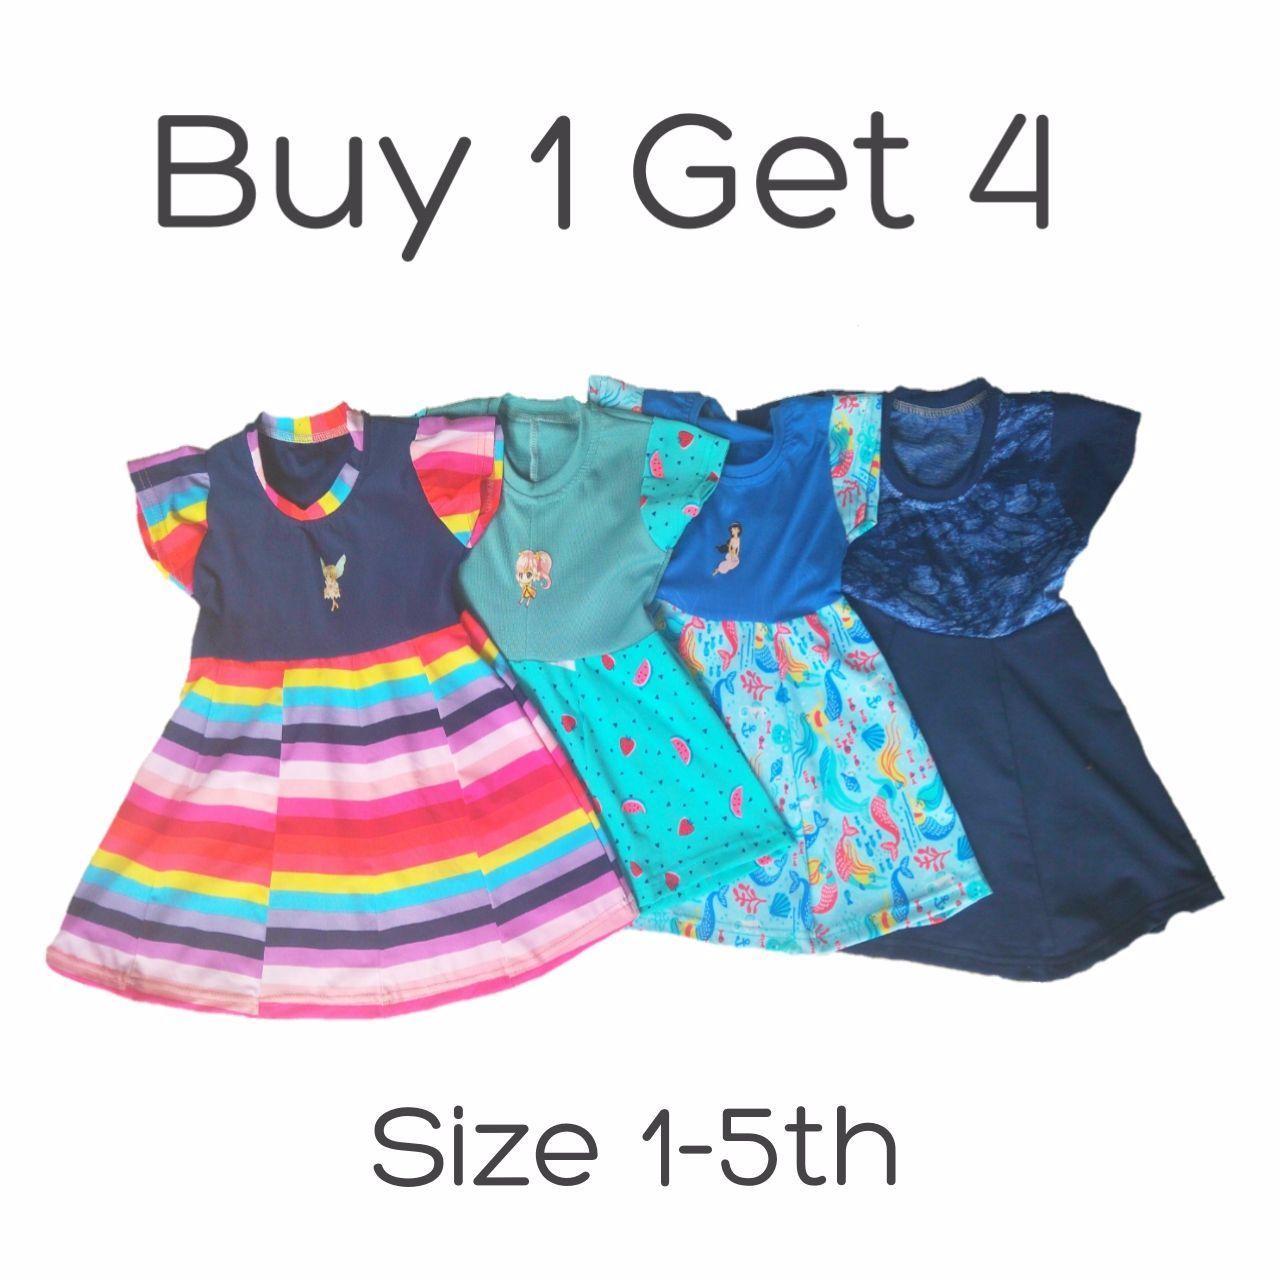 Buy 1 Get 4 - Dress Anak 1-5 Tahun - Baju Anak - 2